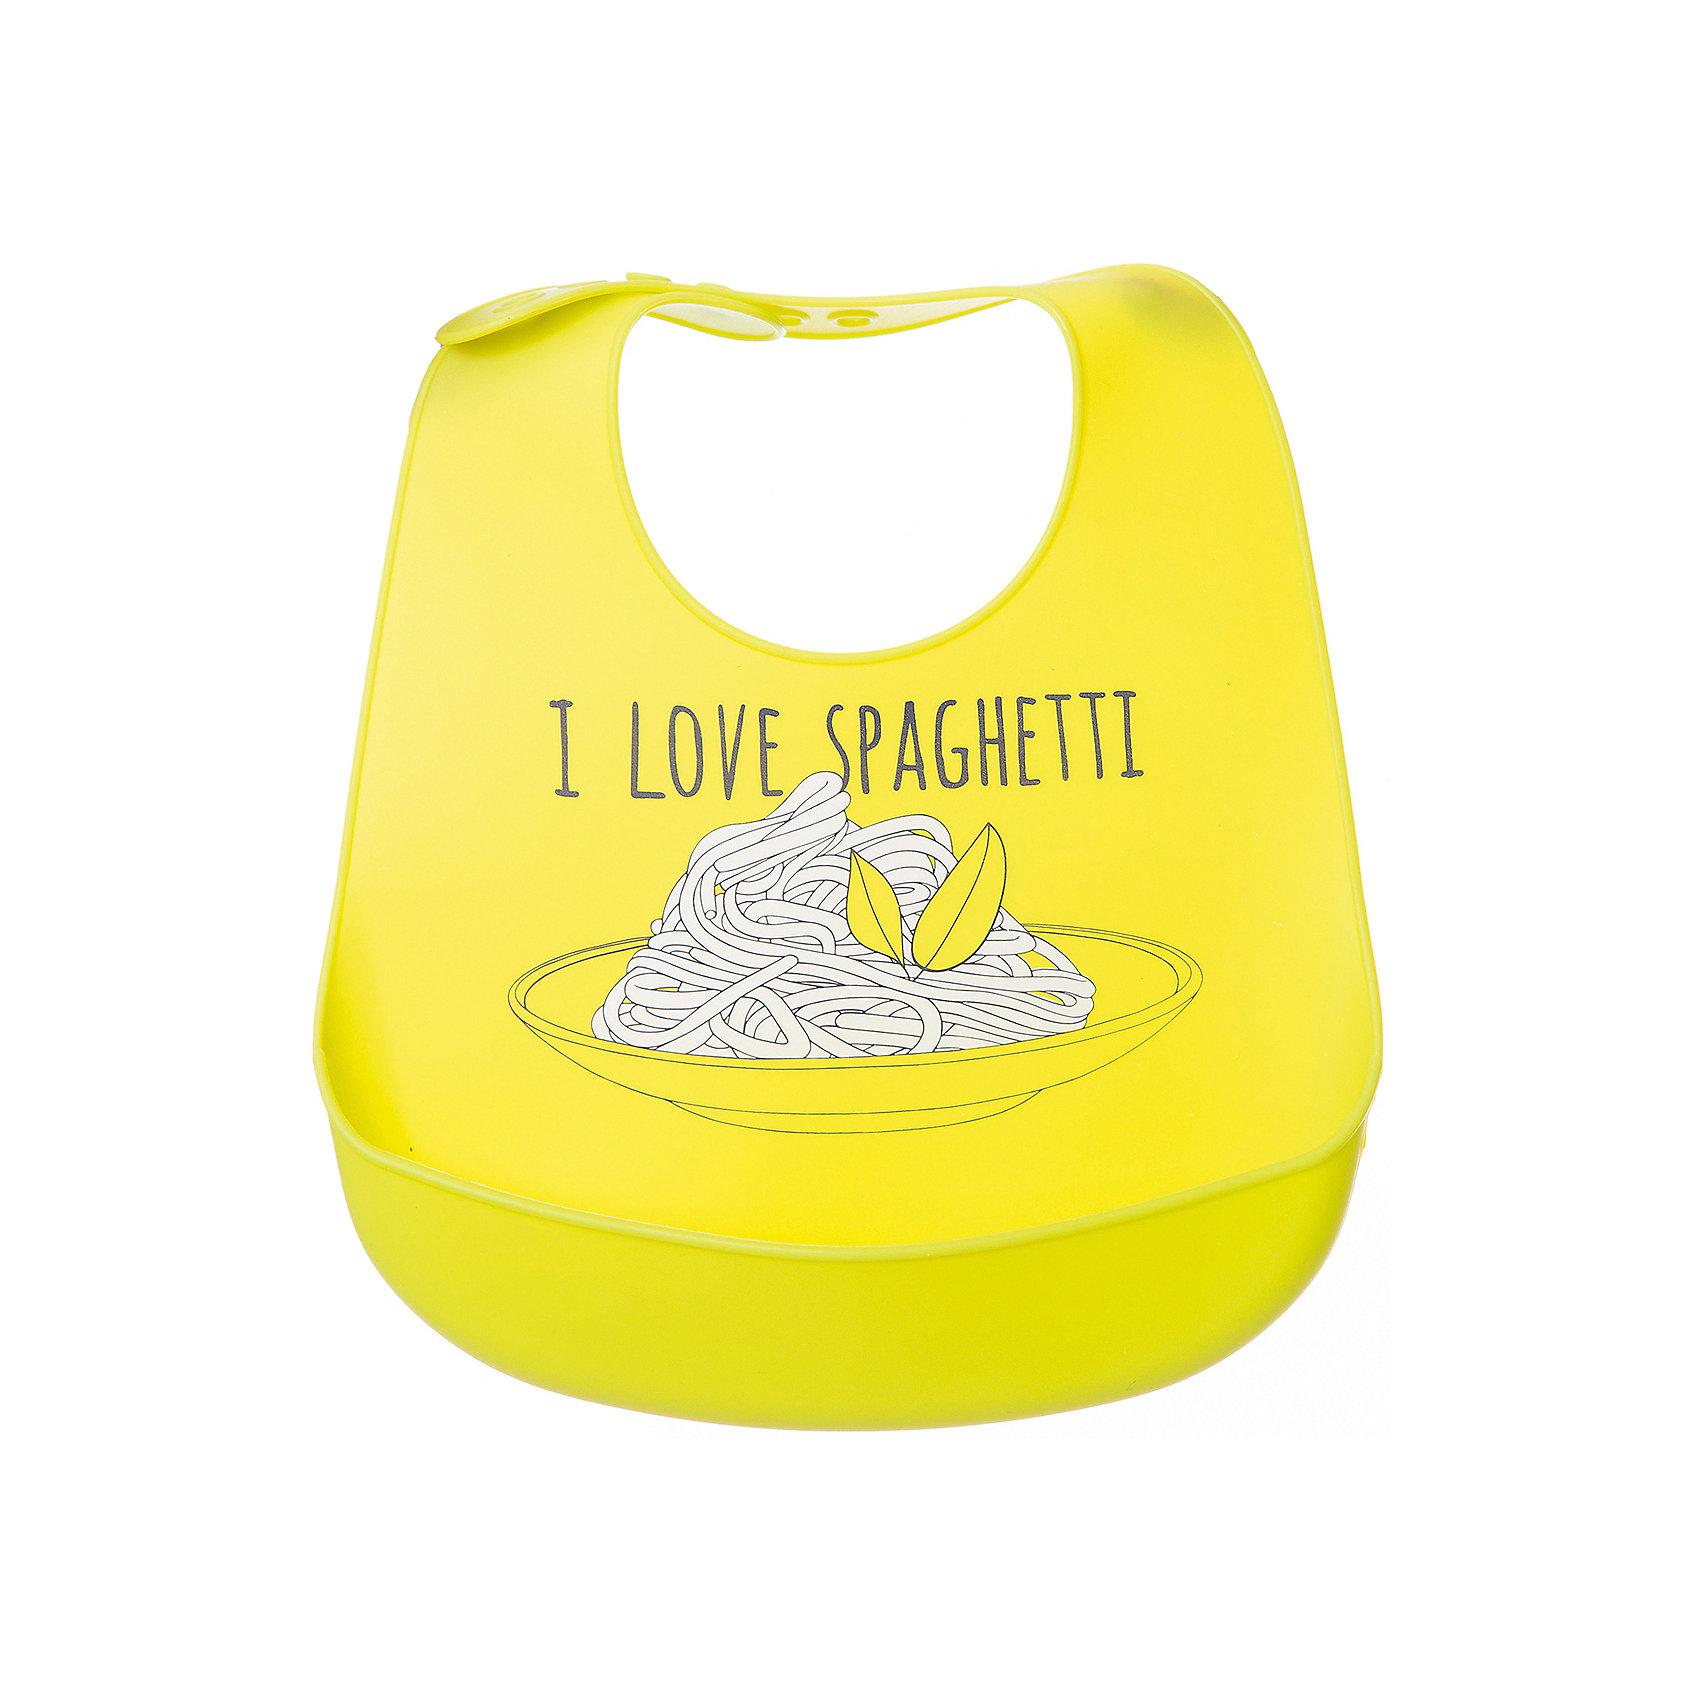 Нагрудник силиконовый мягкий Bib Pocket, Happy Baby, лаймНагрудники и салфетки<br>Нагрудник силиконовый мягкий Bib Pocket, Happy Baby, лайм – это практичный нагрудник с веселым дизайном.<br>Мягкий силиконовый нагрудник с карманом — незаменимая вещь при кормлении малыша. Максимум комфорта для ребёнка и минимум уборки для мамы. Компактный и удобный в использовании для дома, детского сада, поездок, прогулок. Он компактно сворачивается и легко помещается в любую сумку. Не требует стирки. Нагрудник достаточно протереть тряпочкой или салфеткой. Кармашек для улавливания пролитой еды отлично защищает одежду от загрязнений. У нагрудника Bib Pocket удобная регулируемая застежка с надежной фиксацией. С ним приём пищи станет комфортнее и удобнее.<br><br>Дополнительная информация:<br><br>- Возраст: от 6 месяцев<br>- Материал: силикон<br>- Цвет: лайм<br><br>Нагрудник силиконовый мягкий Bib Pocket, Happy Baby, лайм можно купить в нашем интернет-магазине.<br><br>Ширина мм: 230<br>Глубина мм: 400<br>Высота мм: 50<br>Вес г: 200<br>Возраст от месяцев: 0<br>Возраст до месяцев: 36<br>Пол: Унисекс<br>Возраст: Детский<br>SKU: 4047268